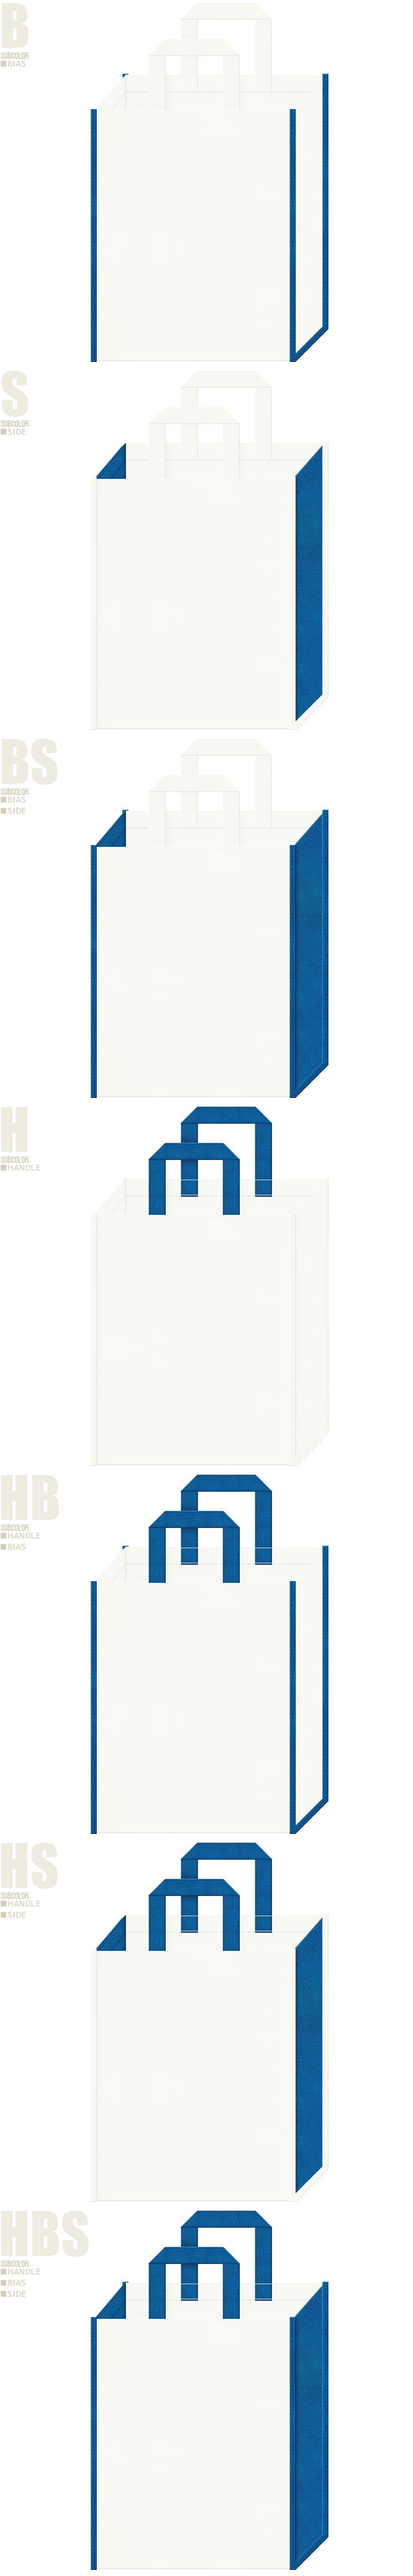 オフホワイト色と青色、7パターンの不織布トートバッグ配色デザイン例。照明器具・電子部品・発光ダイオード製品の展示会用バッグ、人工知能セミナーの資料配布用バッグにお奨めです。